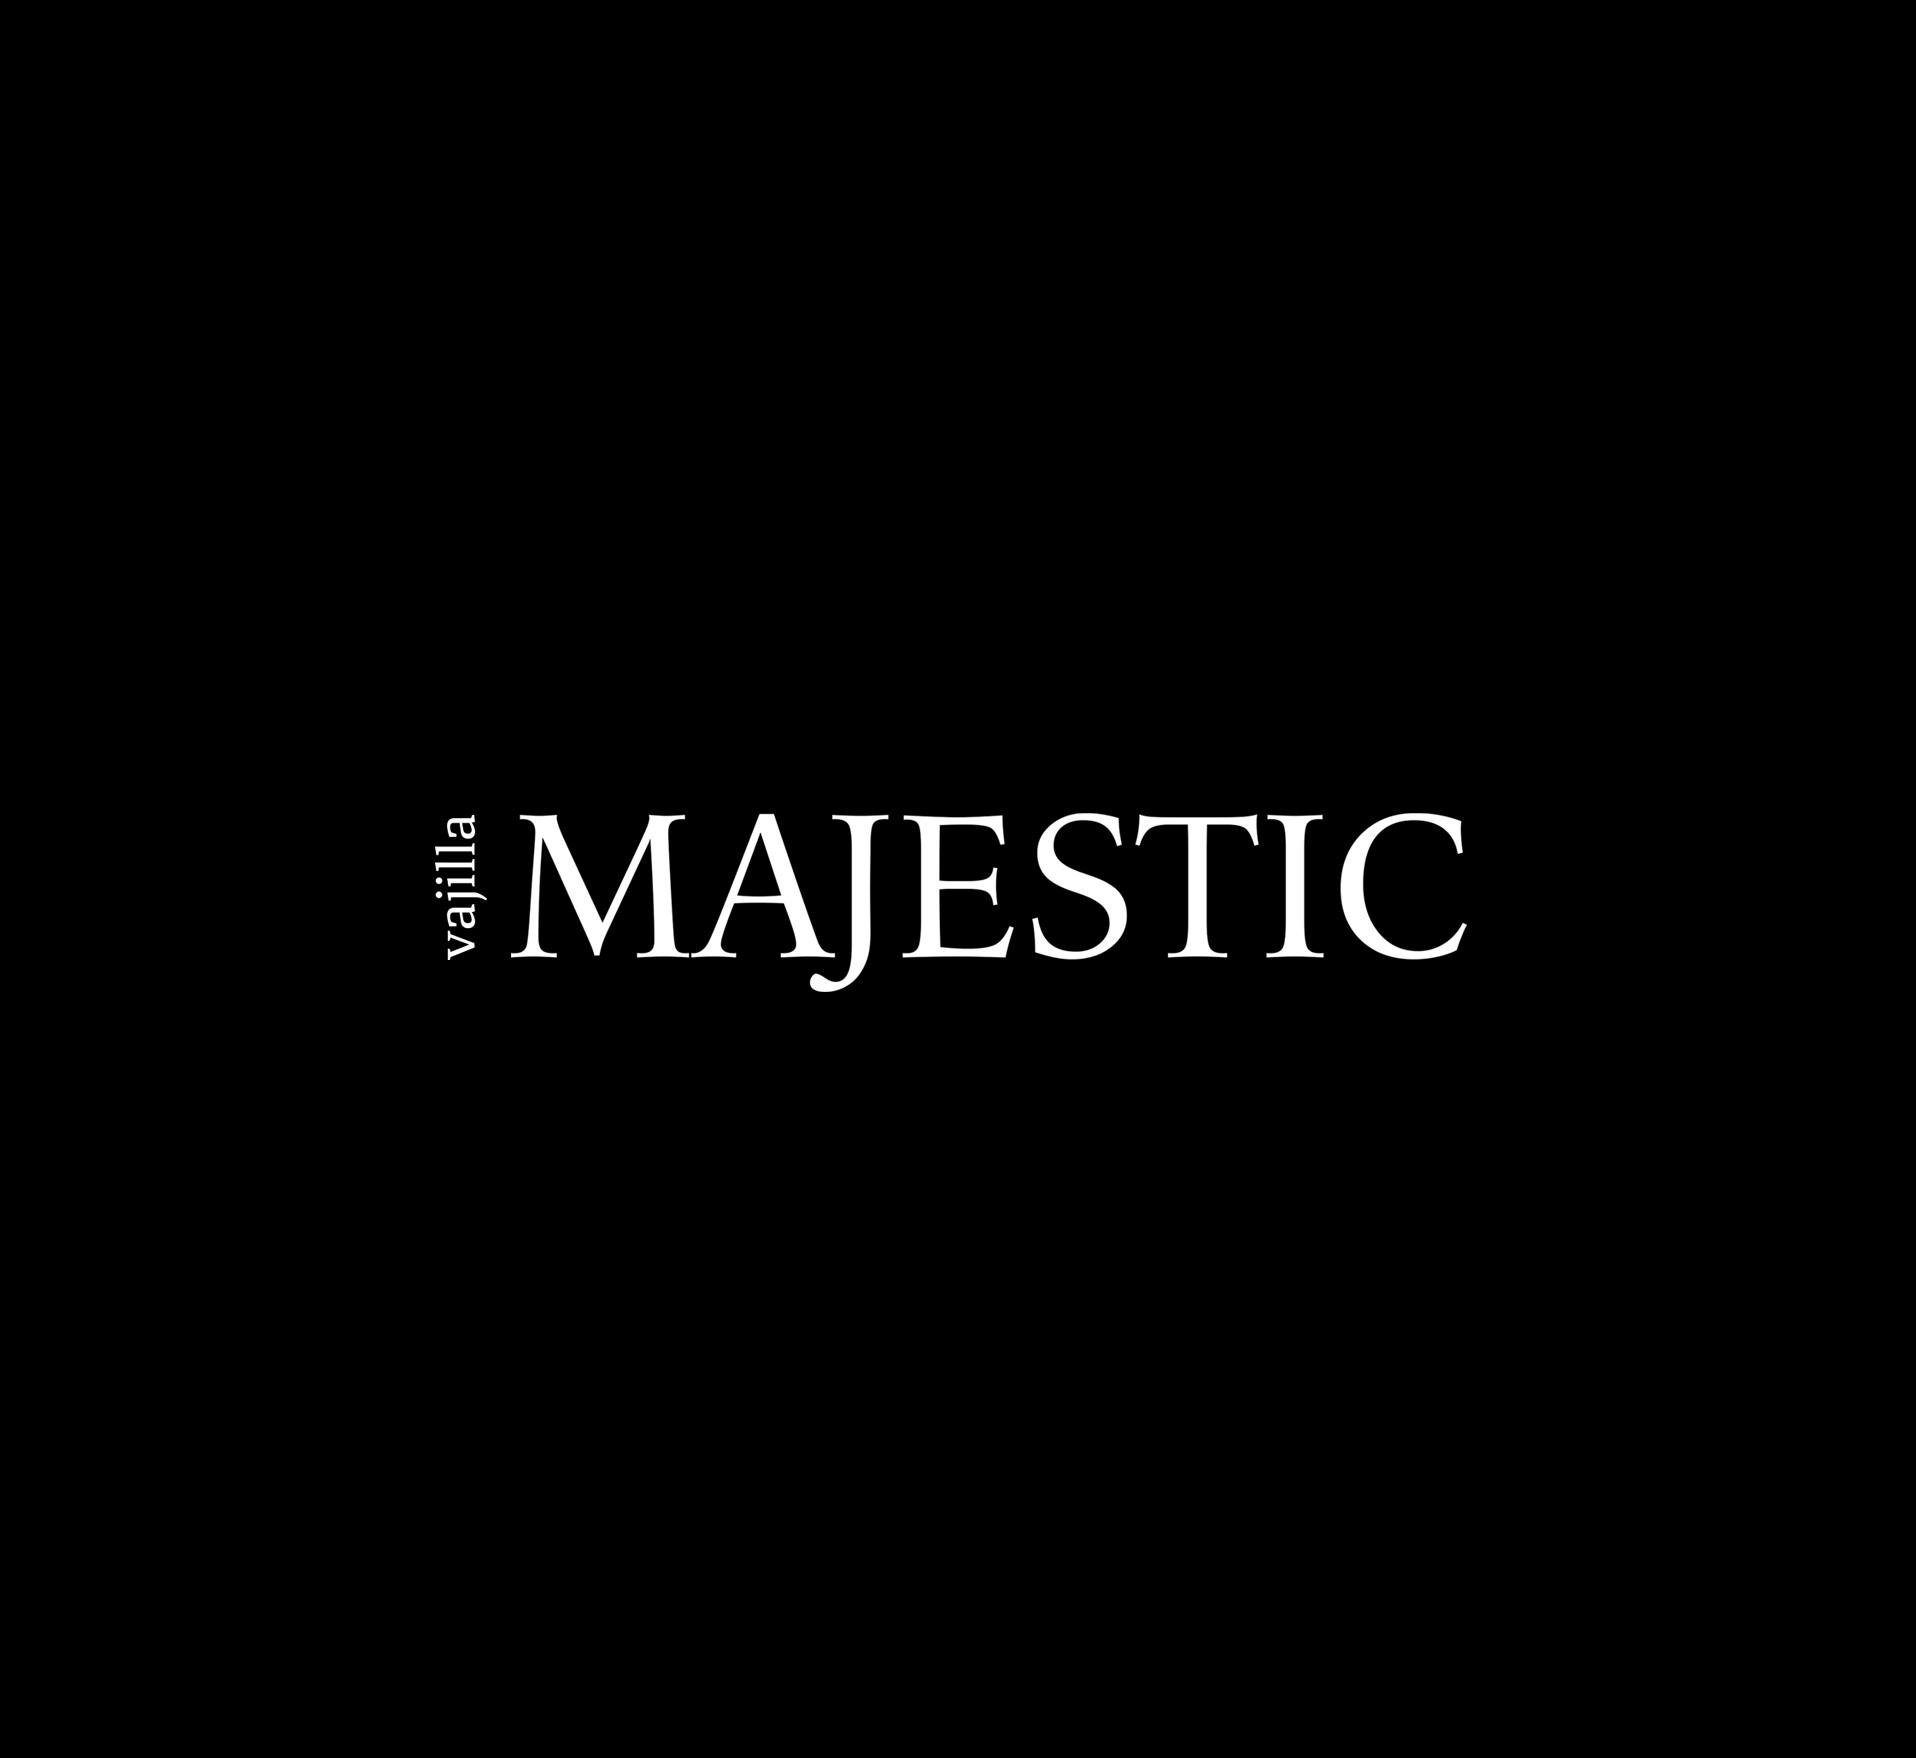 Majestic1.jpg